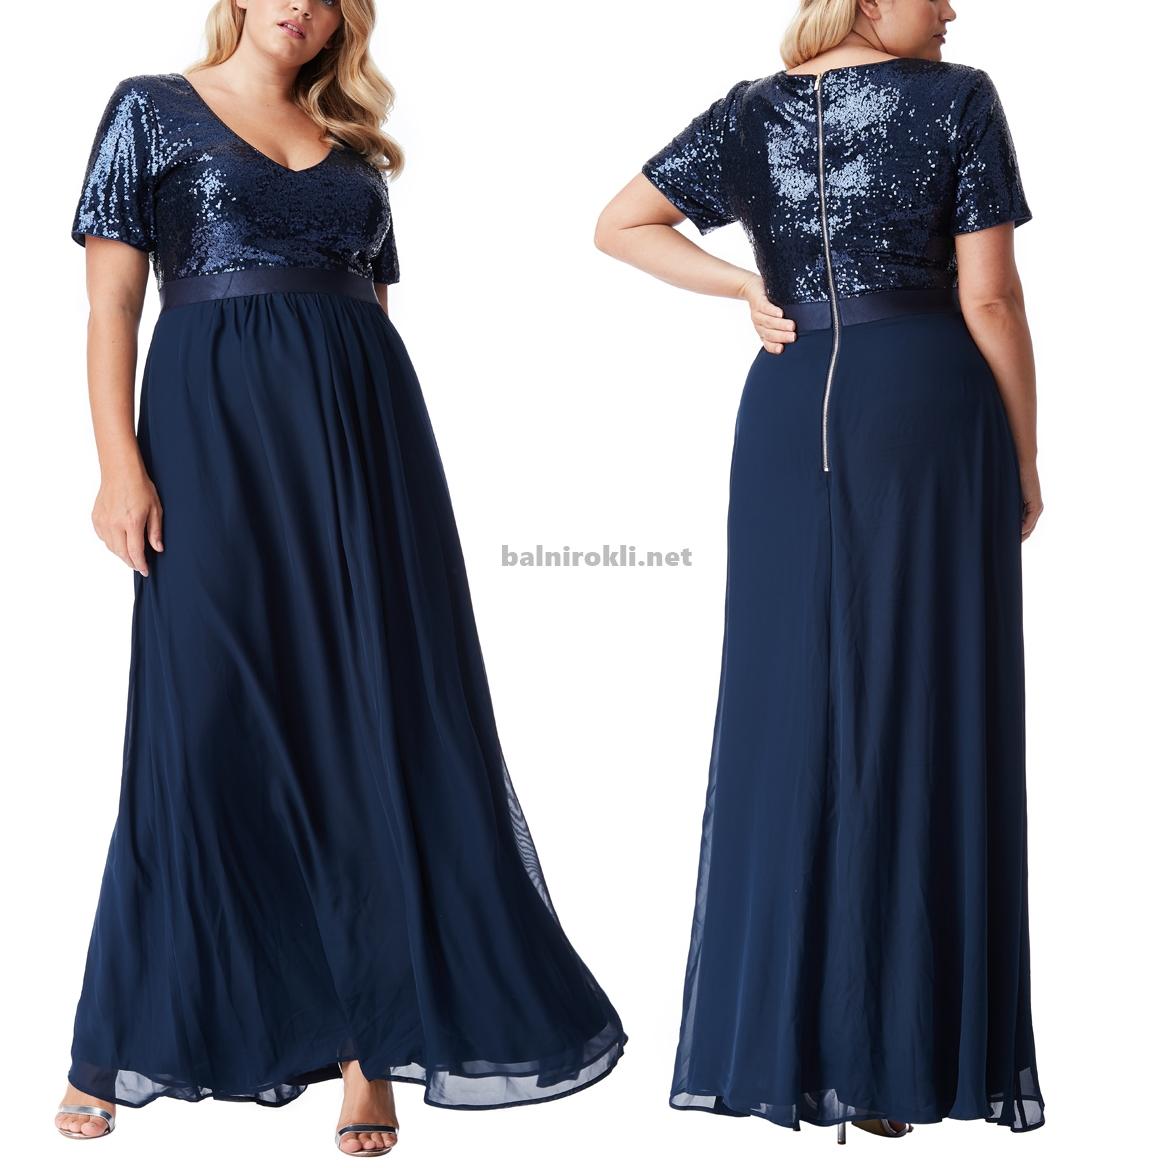 Дълга официална рокля макси размери Тъмносиня Бюстие Блестящи Пайети 3XL,4XL,5XL,6XL,7X